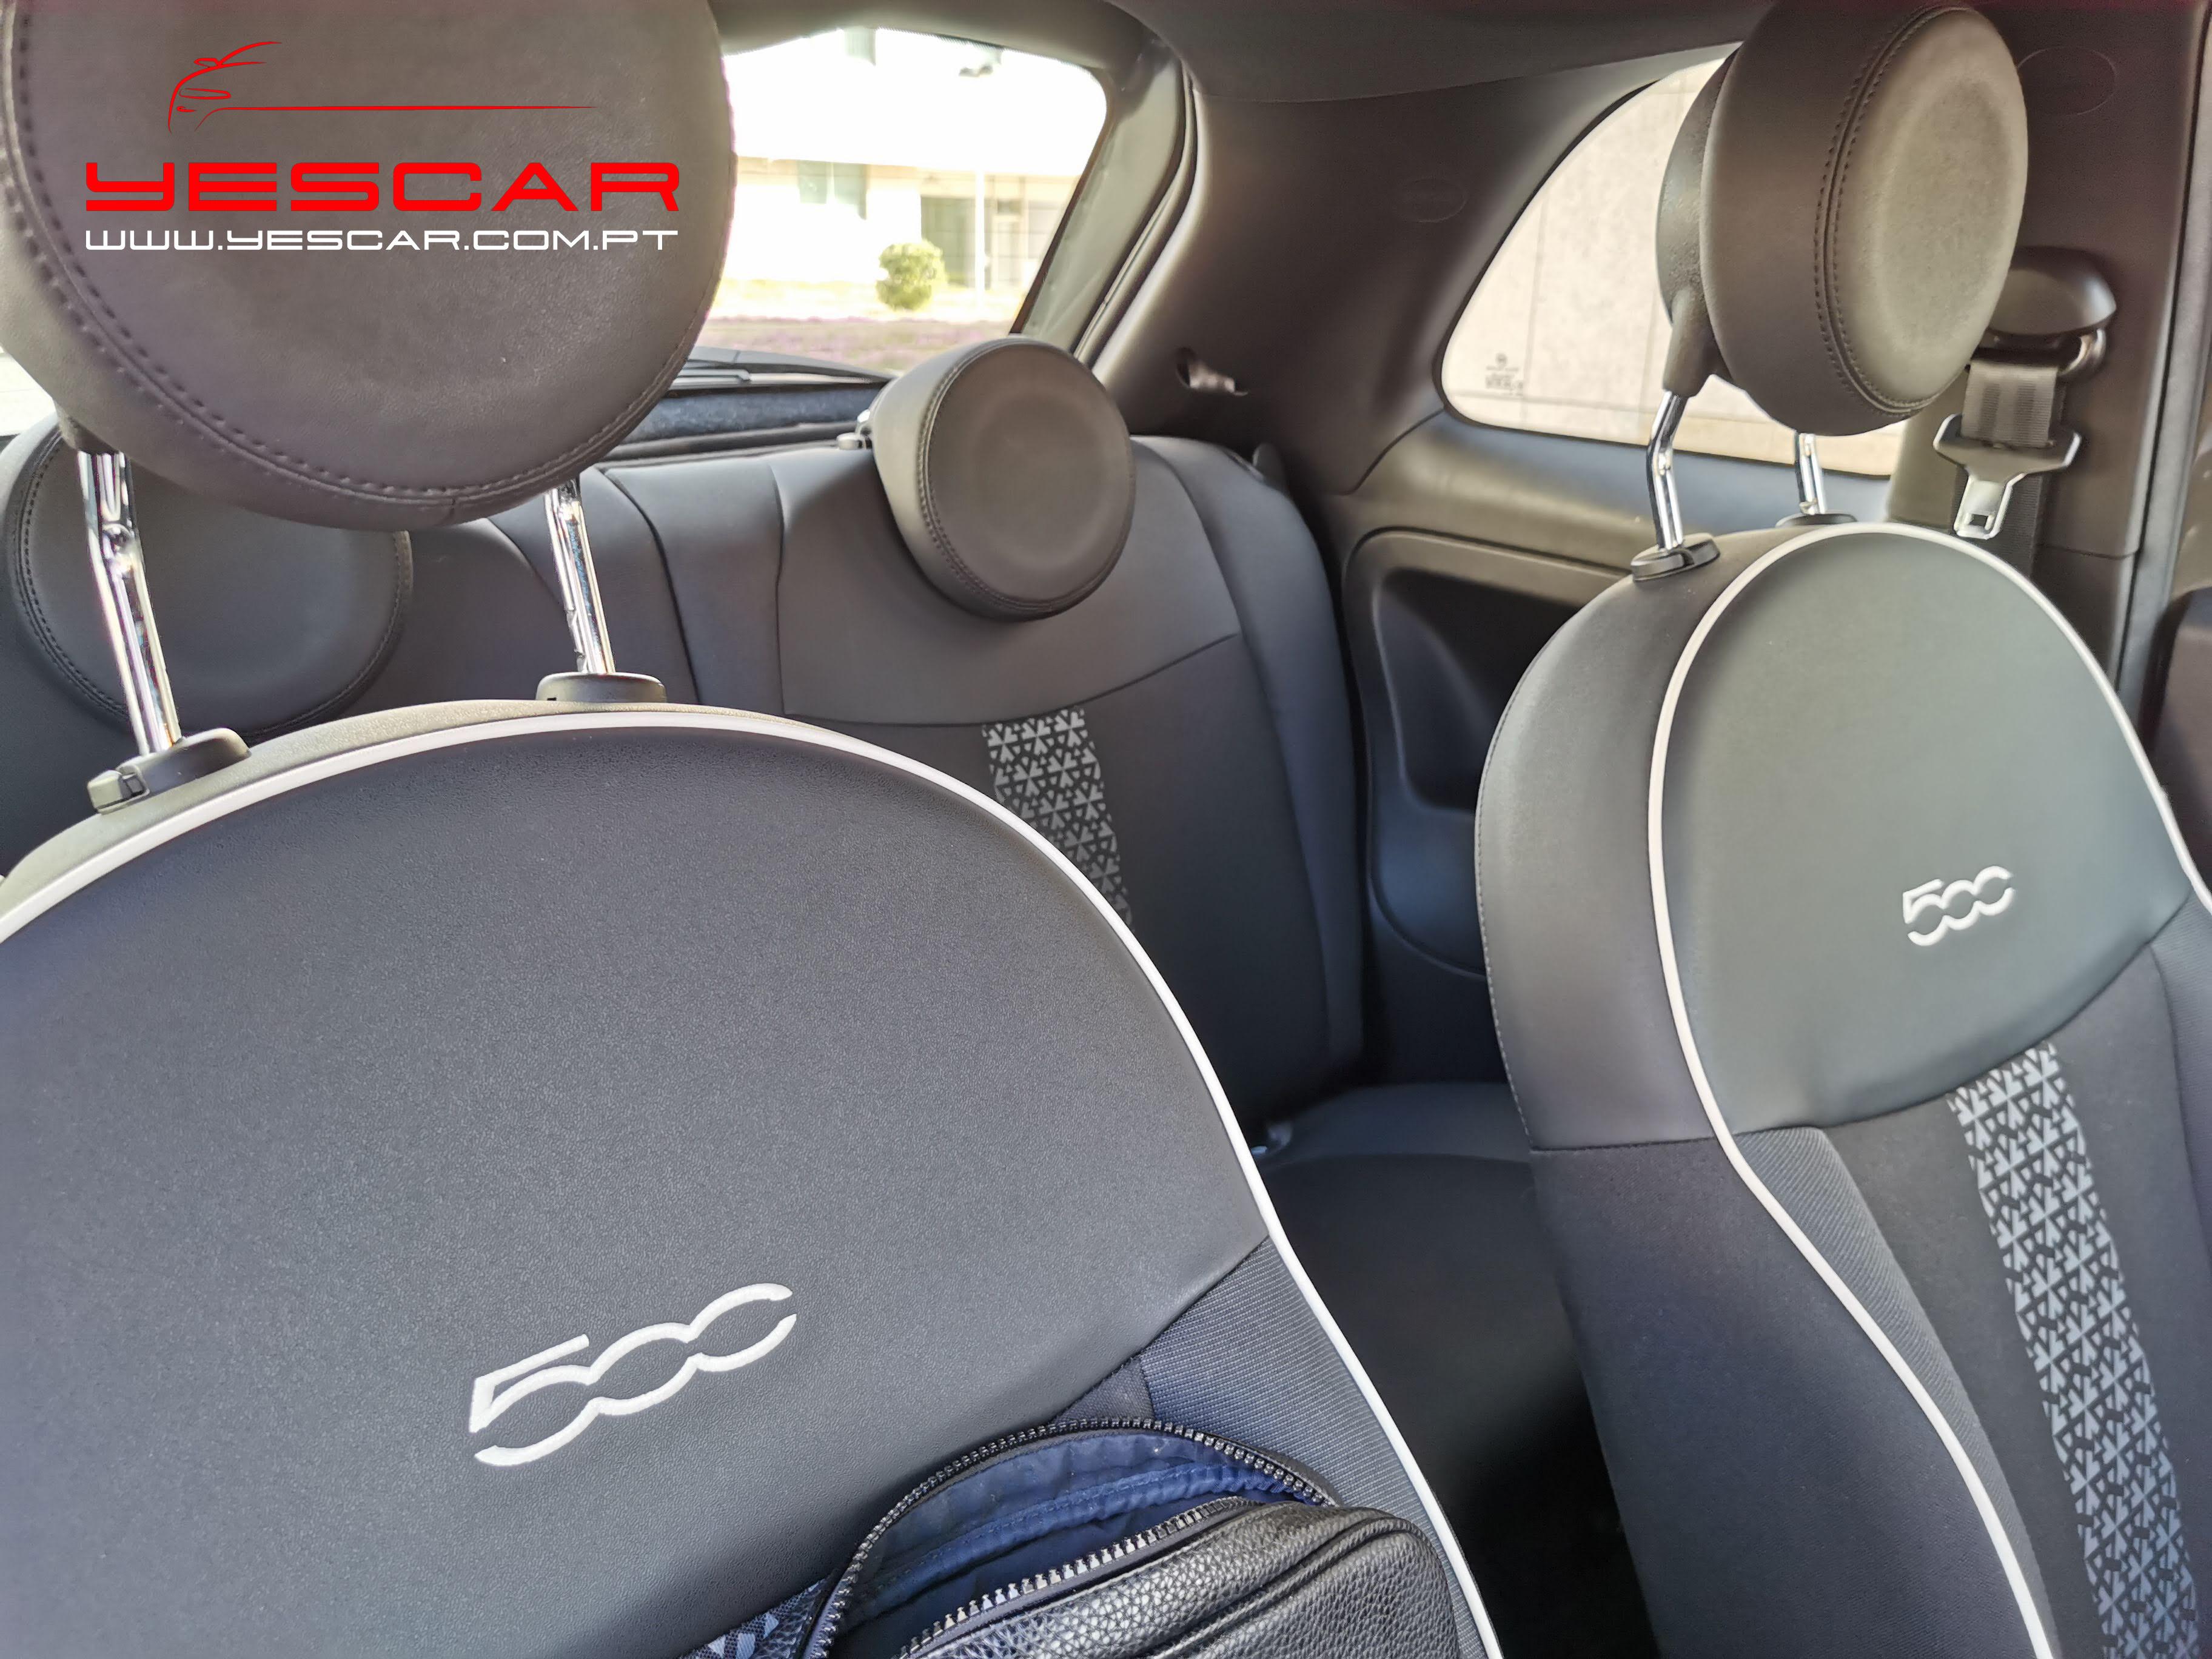 YESCAR_Fiat 500 CC (26)